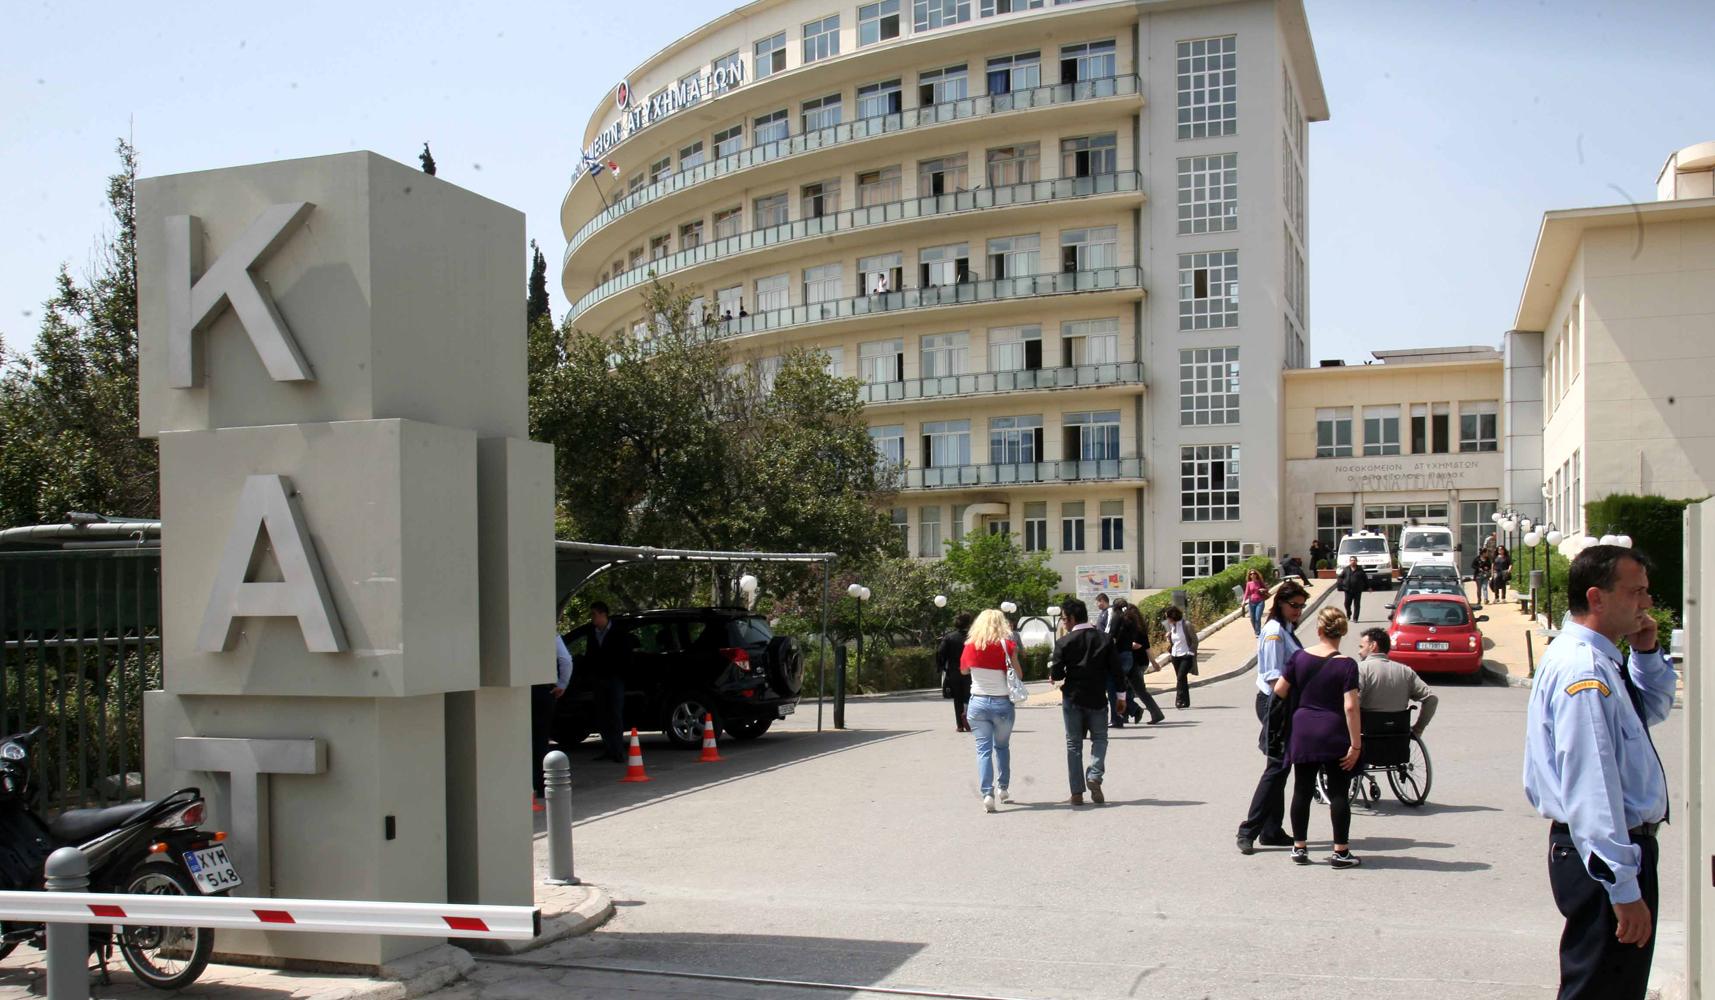 Ευχάριστα νέα: Οι γιατροί κατάφεραν να σώσουν το χέρι 20χρονης που ακρωτηριάστηκε σε τροχαίο στην Κρήτη